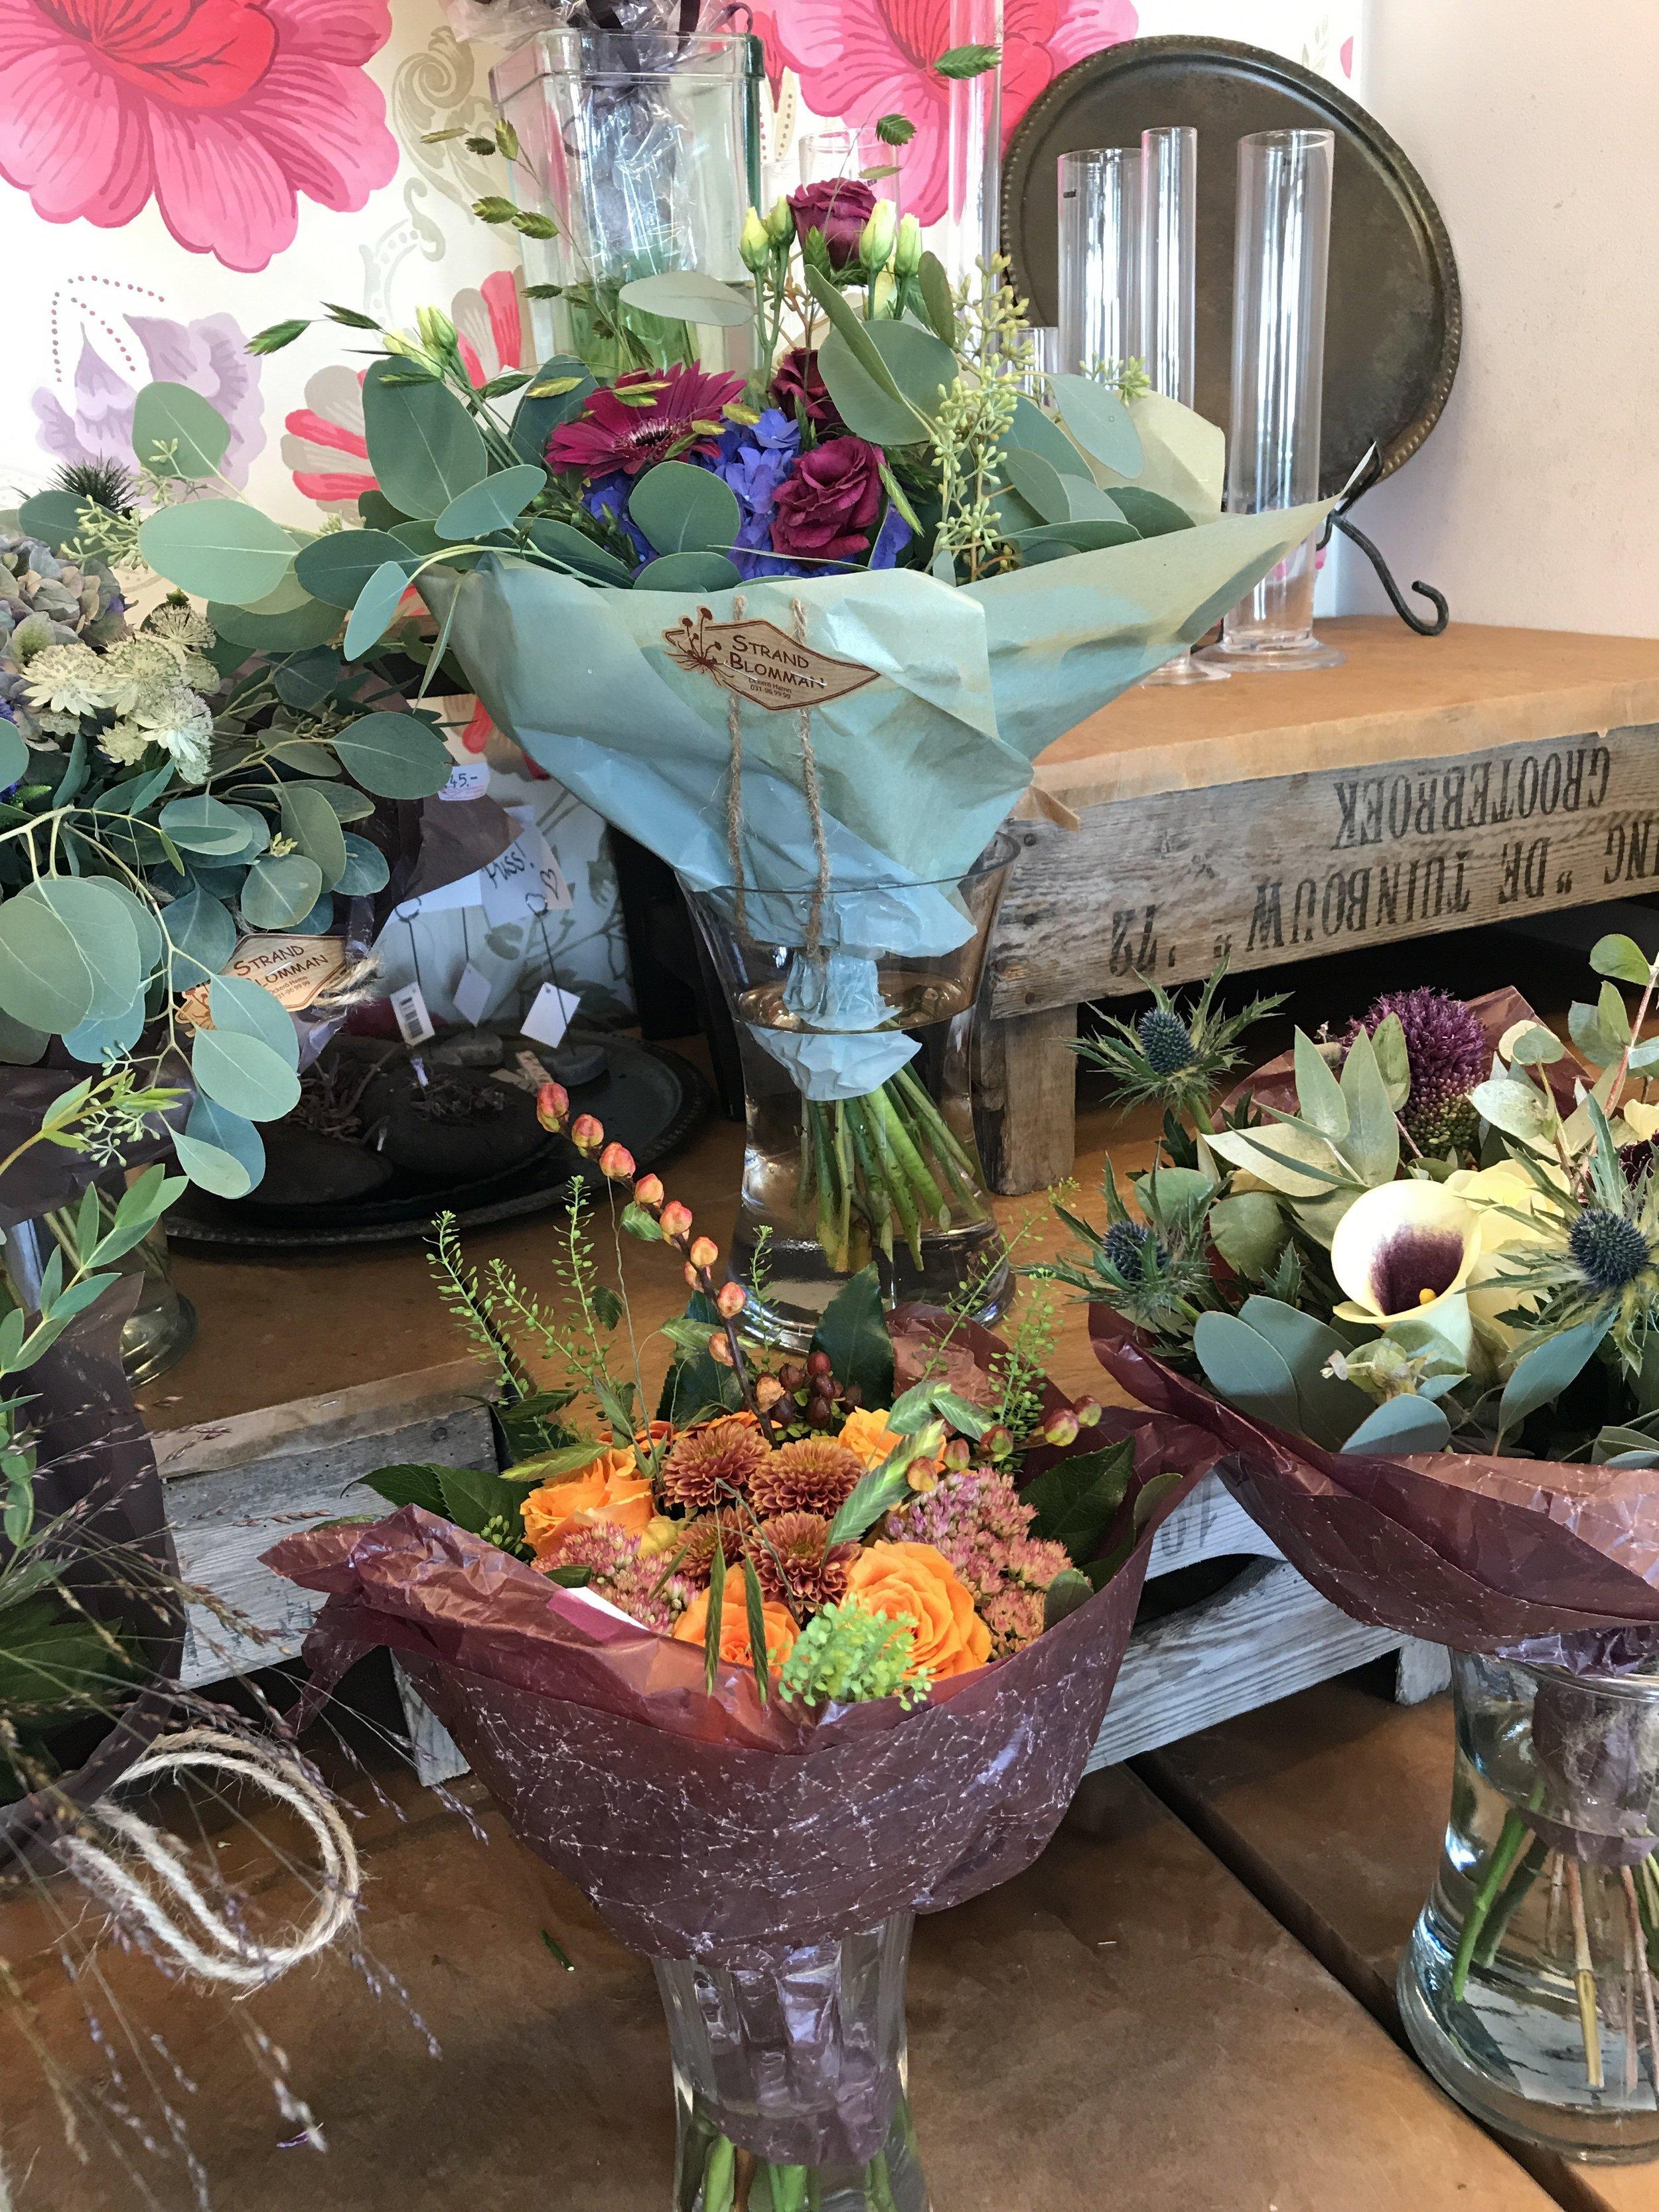 Vi leverar blomsterbud i Öckerö Kommun. Kontakta oss via telefon på 031-969999